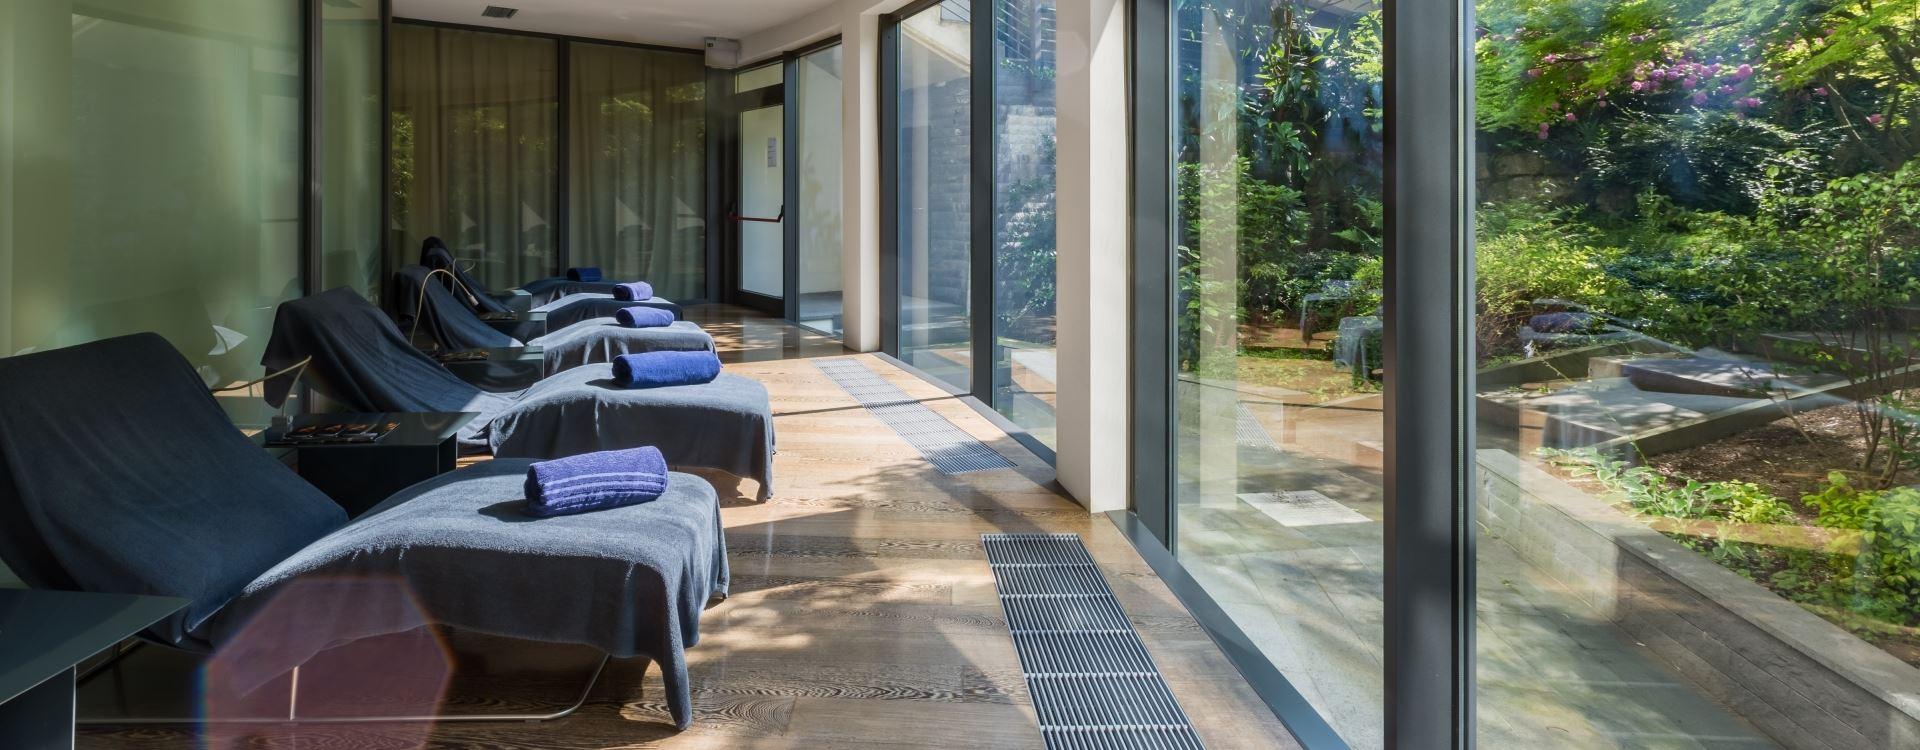 Ambienti Riva Del Garda hotel spa resort riva del garda: scopri astoria park hotel